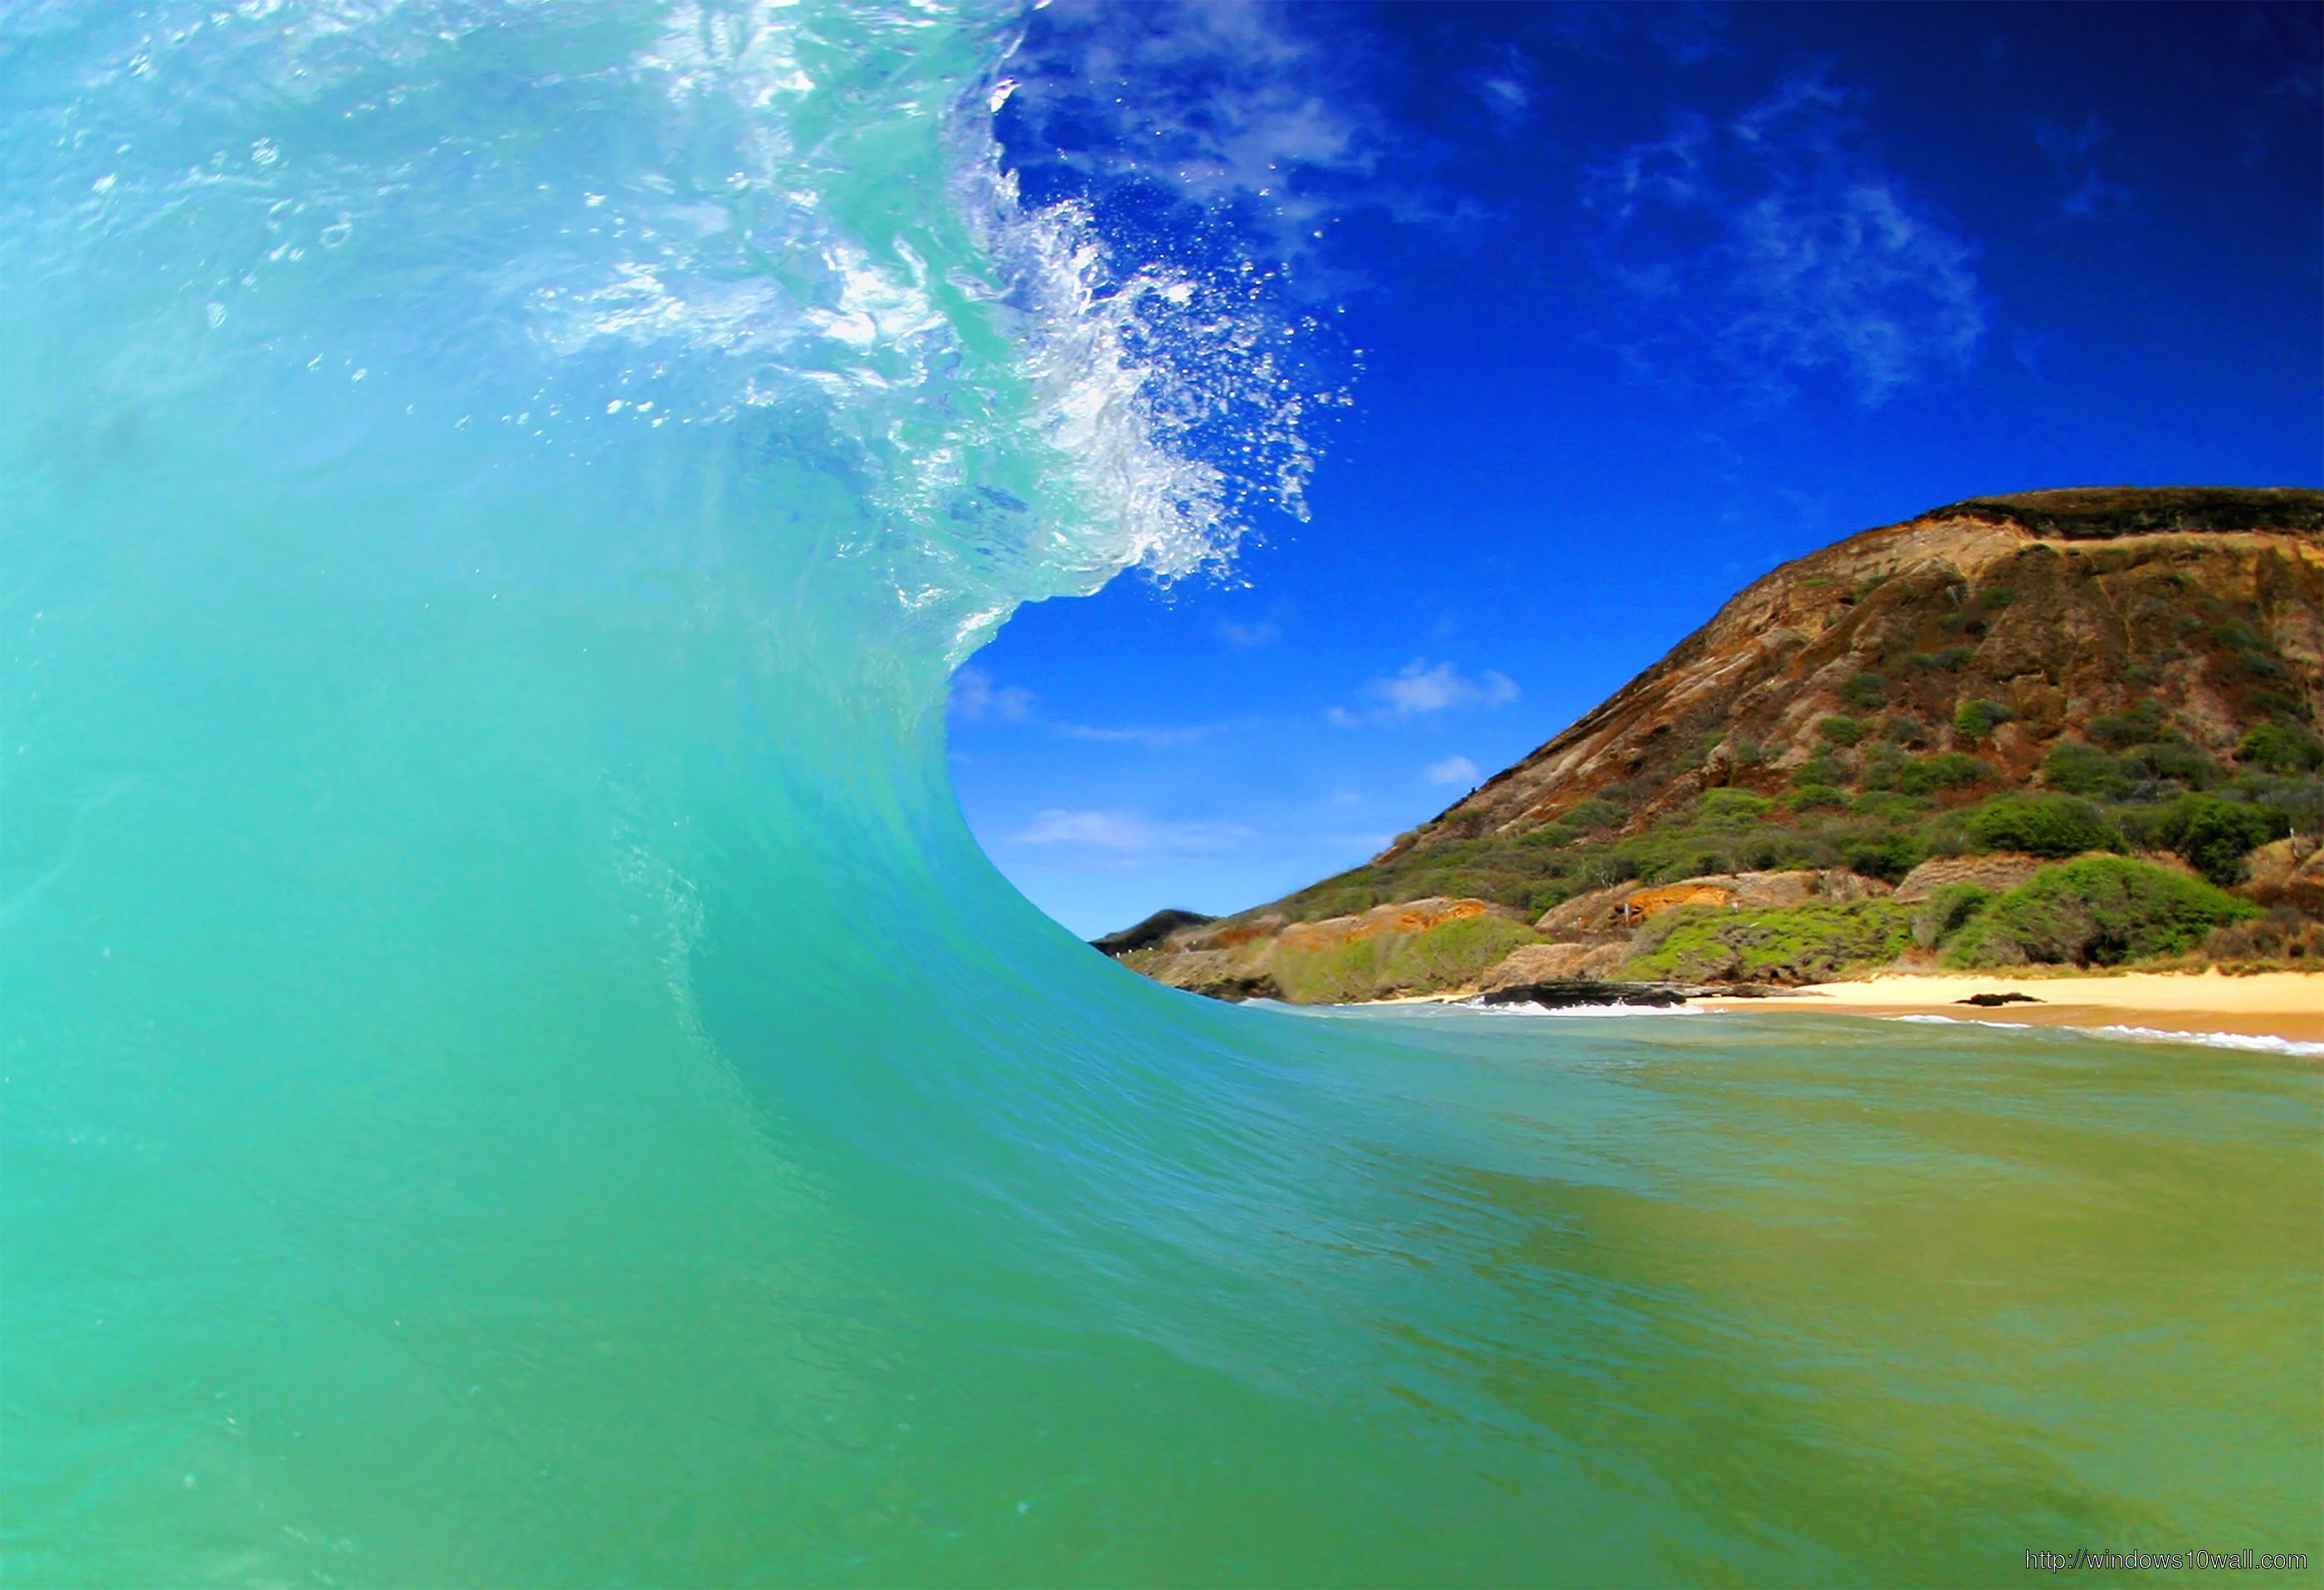 Tubing Wave In Hawaii